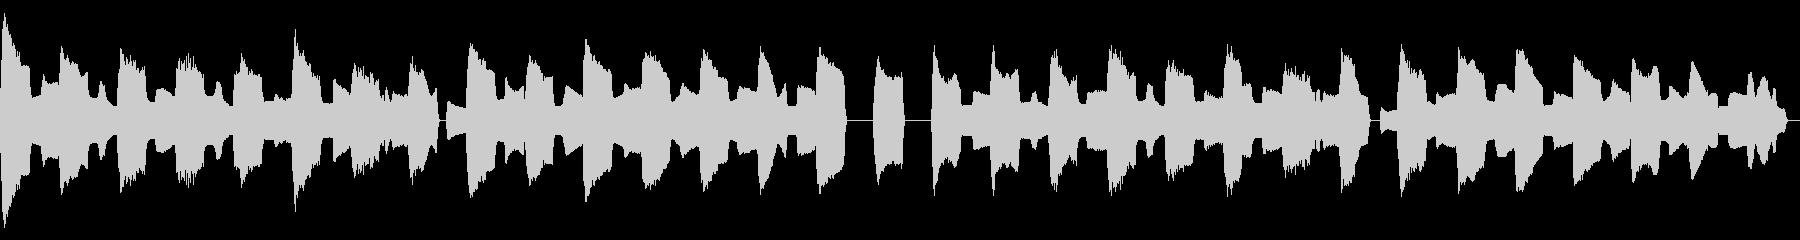 ピタゴラスイッチ風リコーダーカルテットの未再生の波形